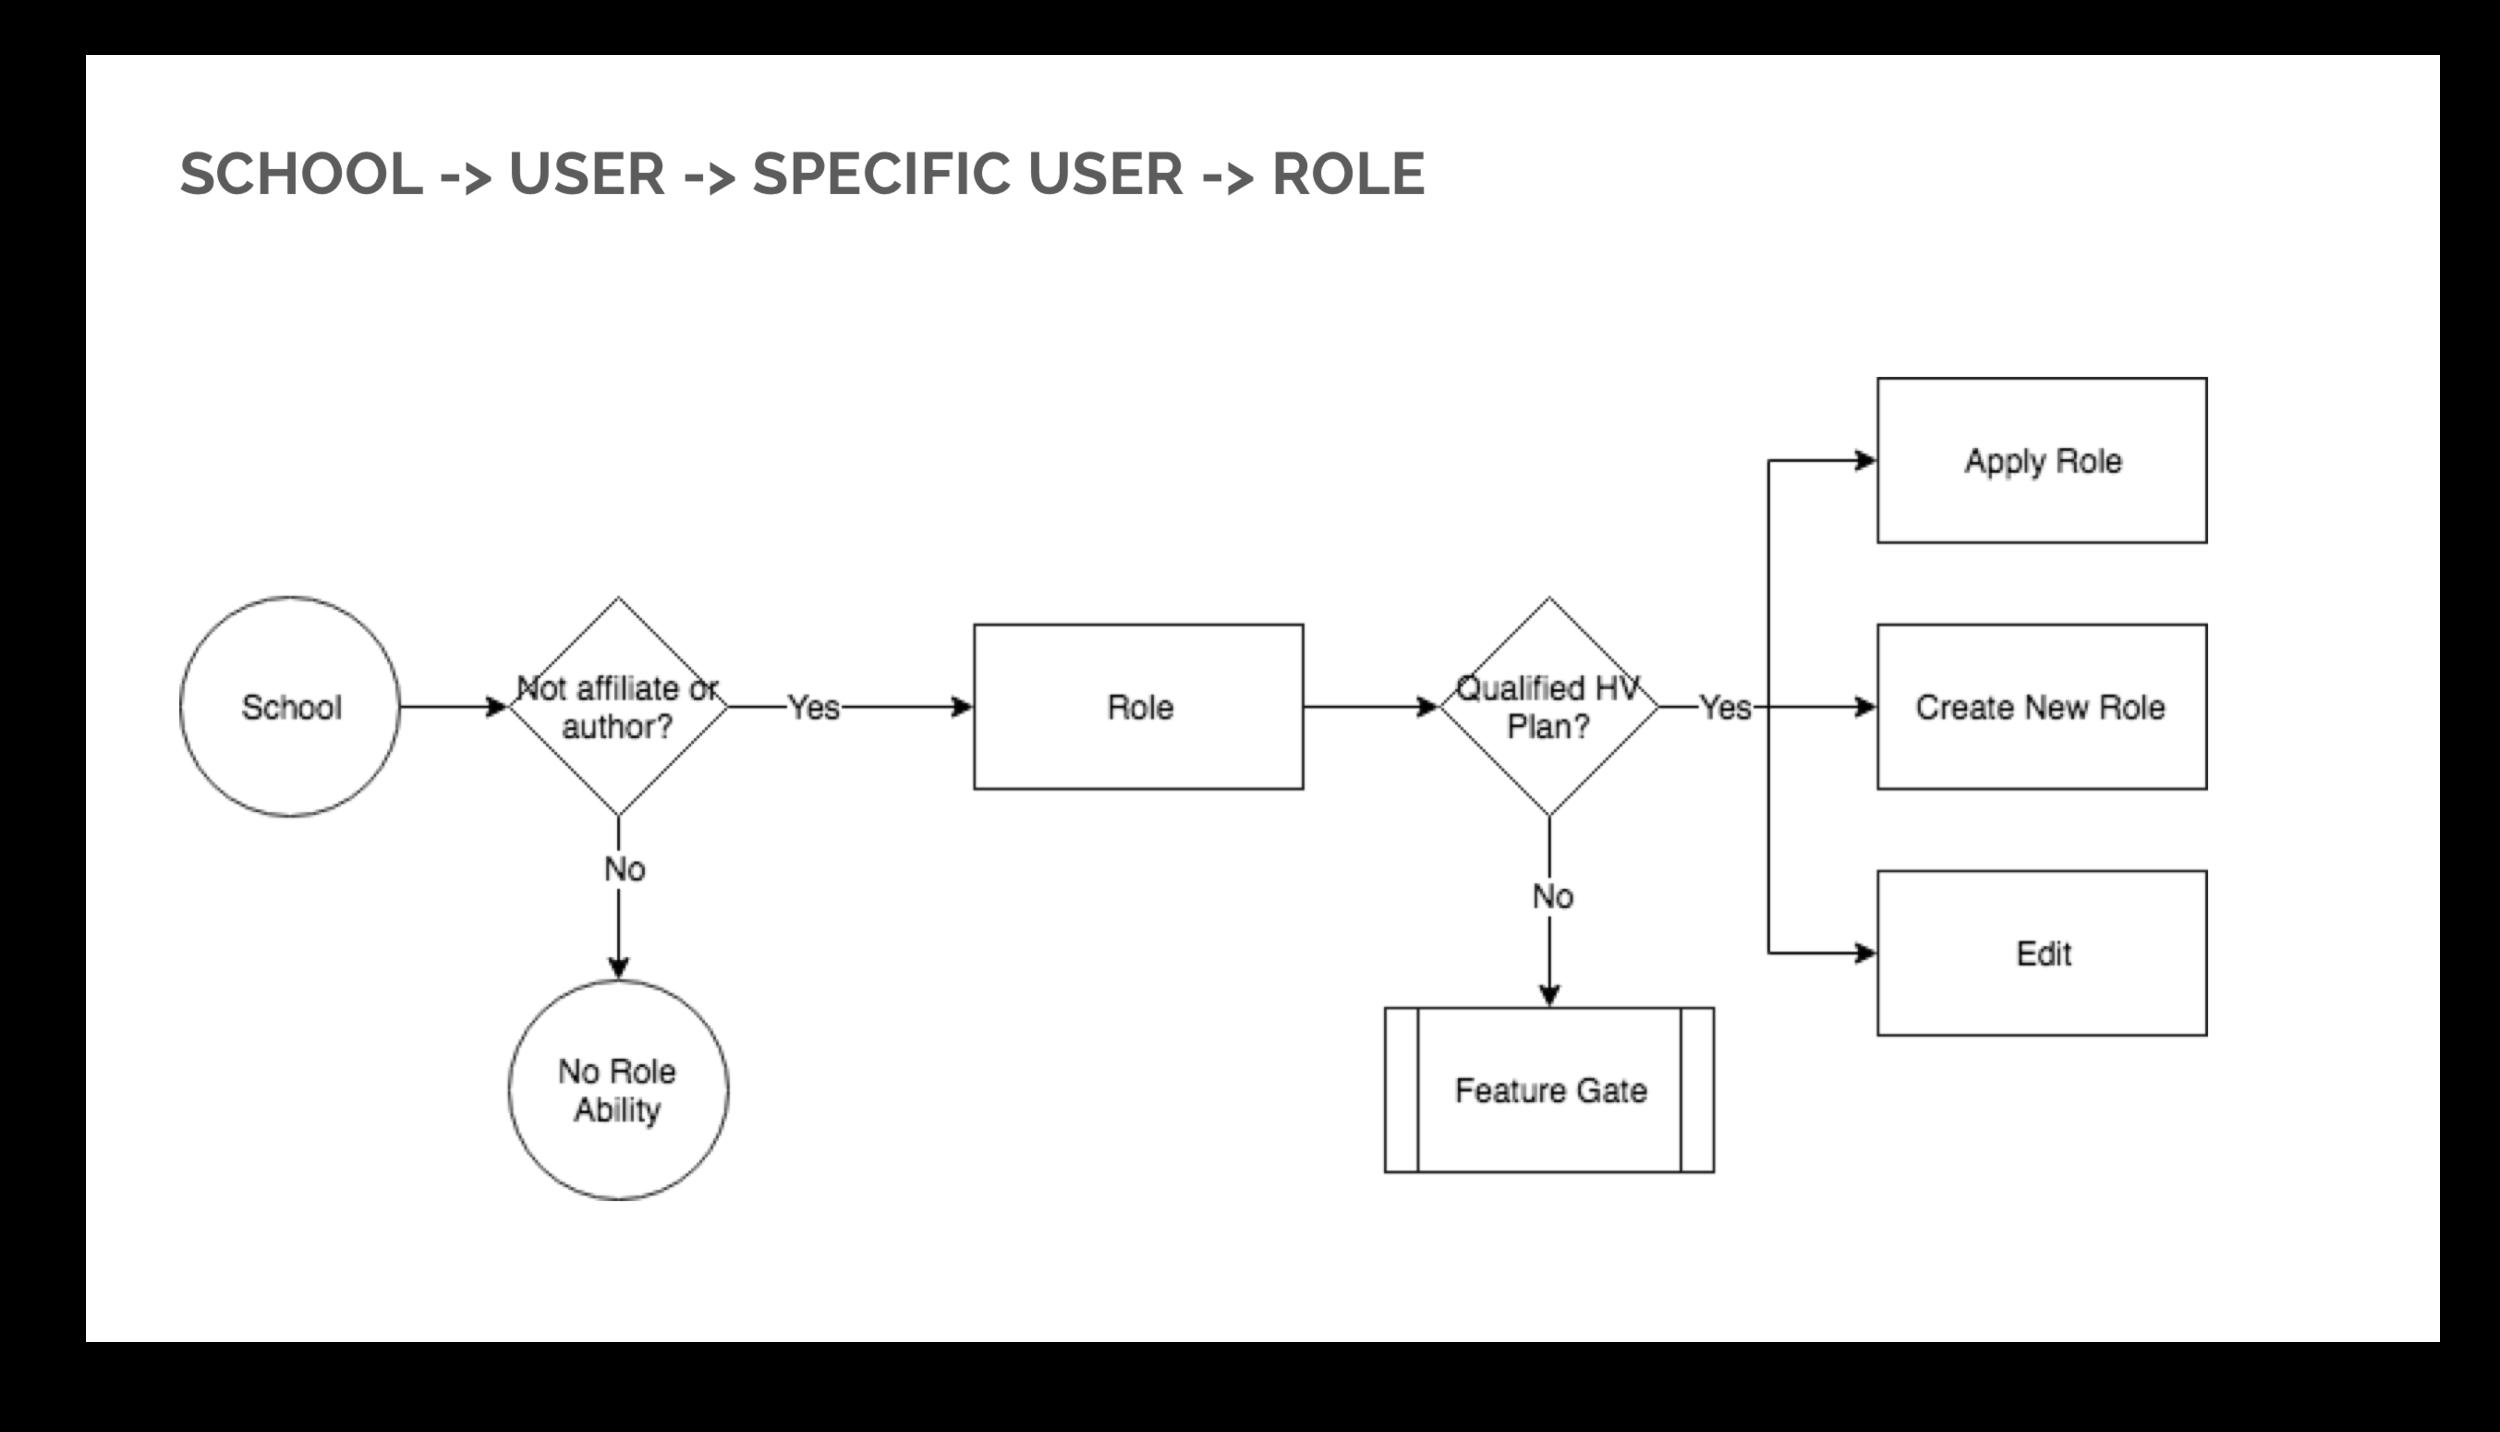 School User User Role Flow.png